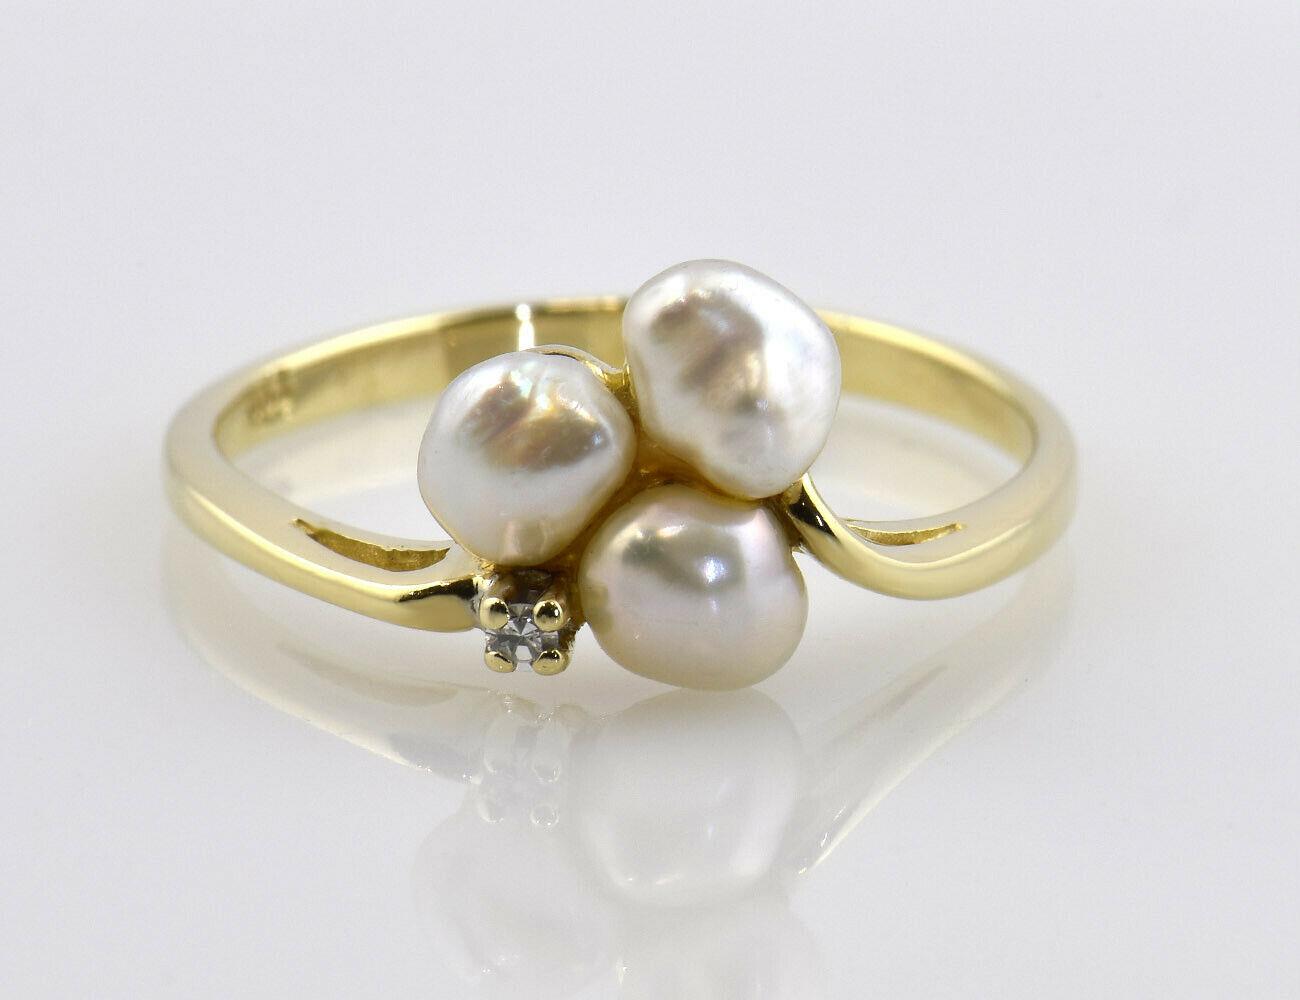 Ring Zuchtperle 585/000 14 K Gelbgold, 1 Diamant 0,02 ct